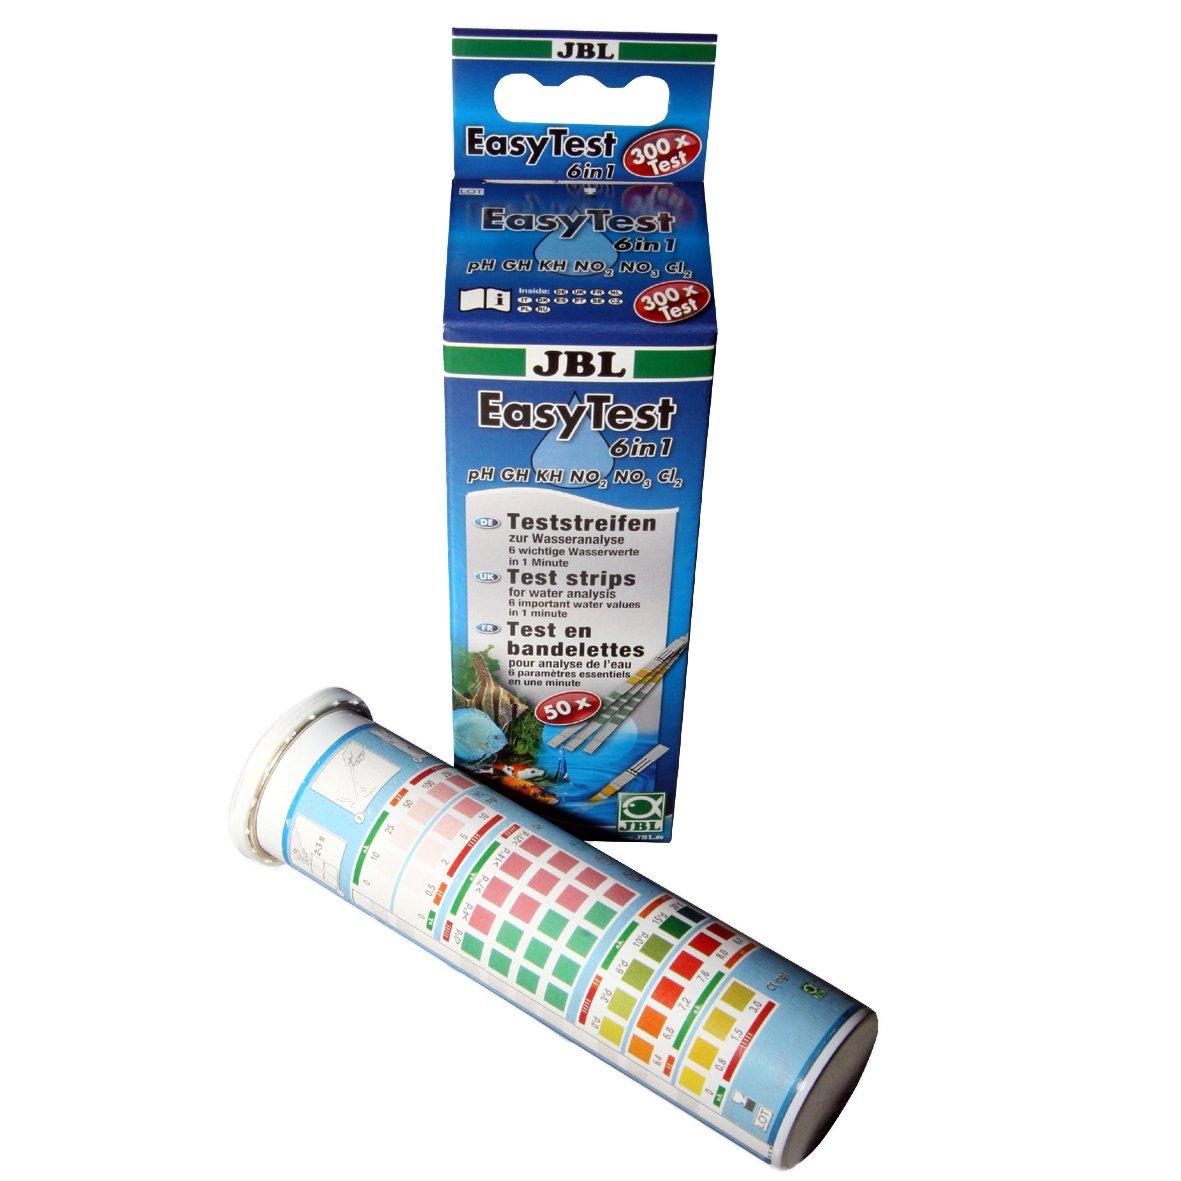 JBL EasyTest 6 en 1, Bandelettes de test pour l'analyse rapide de l'eau d'aquarium 512515